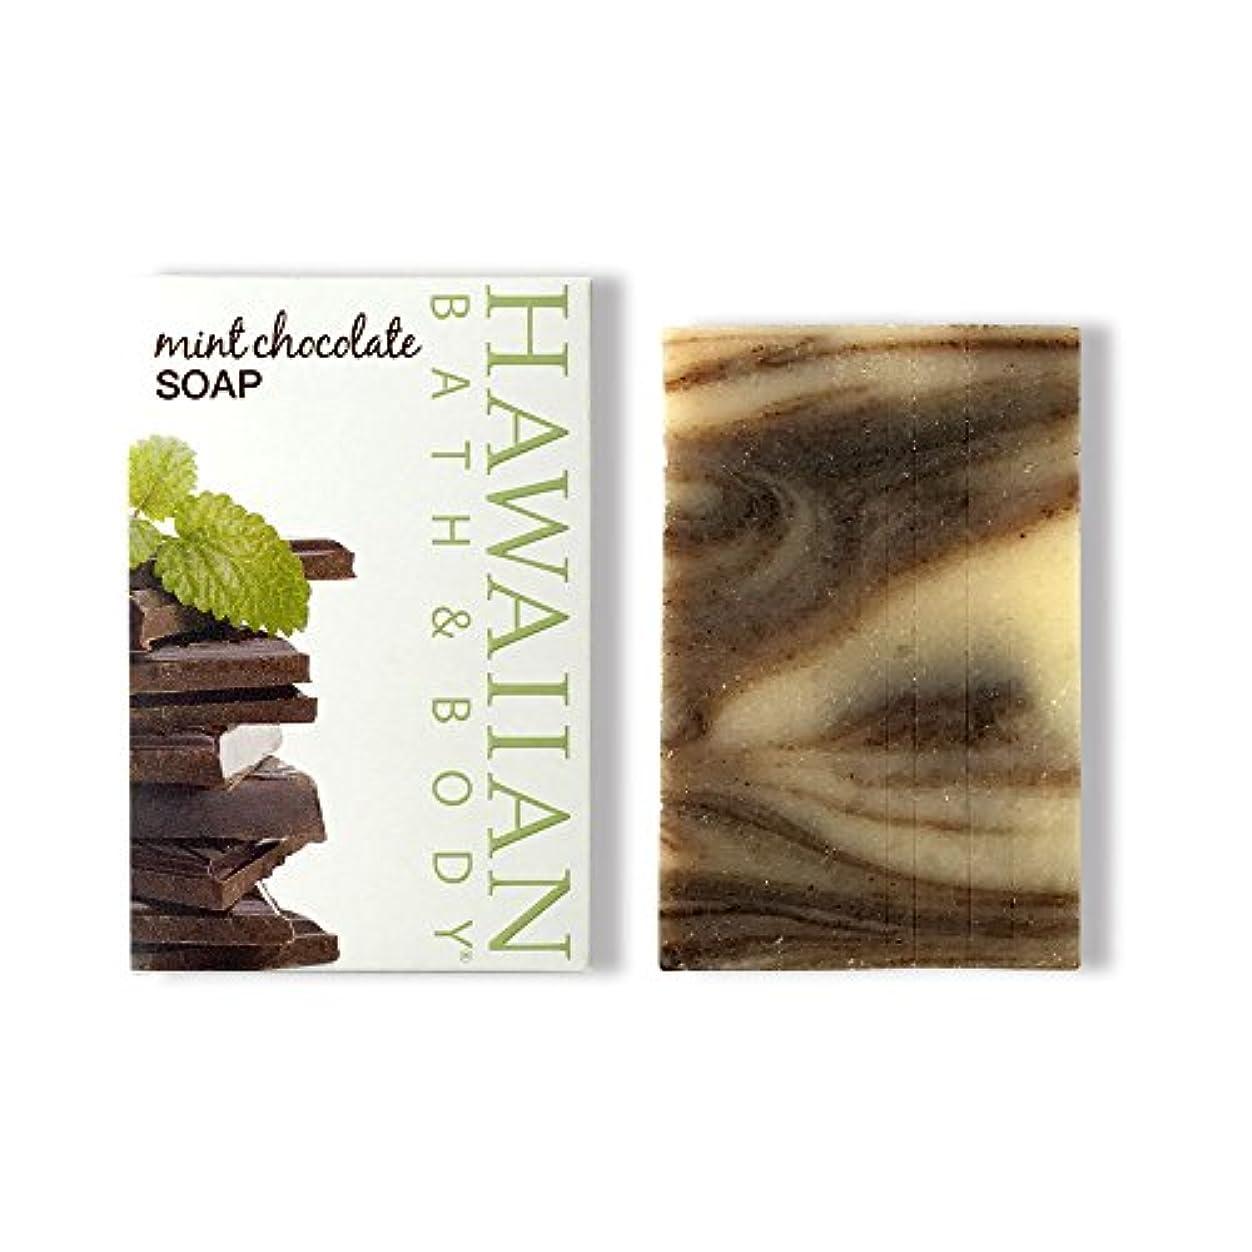 崖最大雨のハワイアンバス&ボディ ハワイアン?ミントチョコレートソープ ( Hawaii Mint Chocolate Soap )